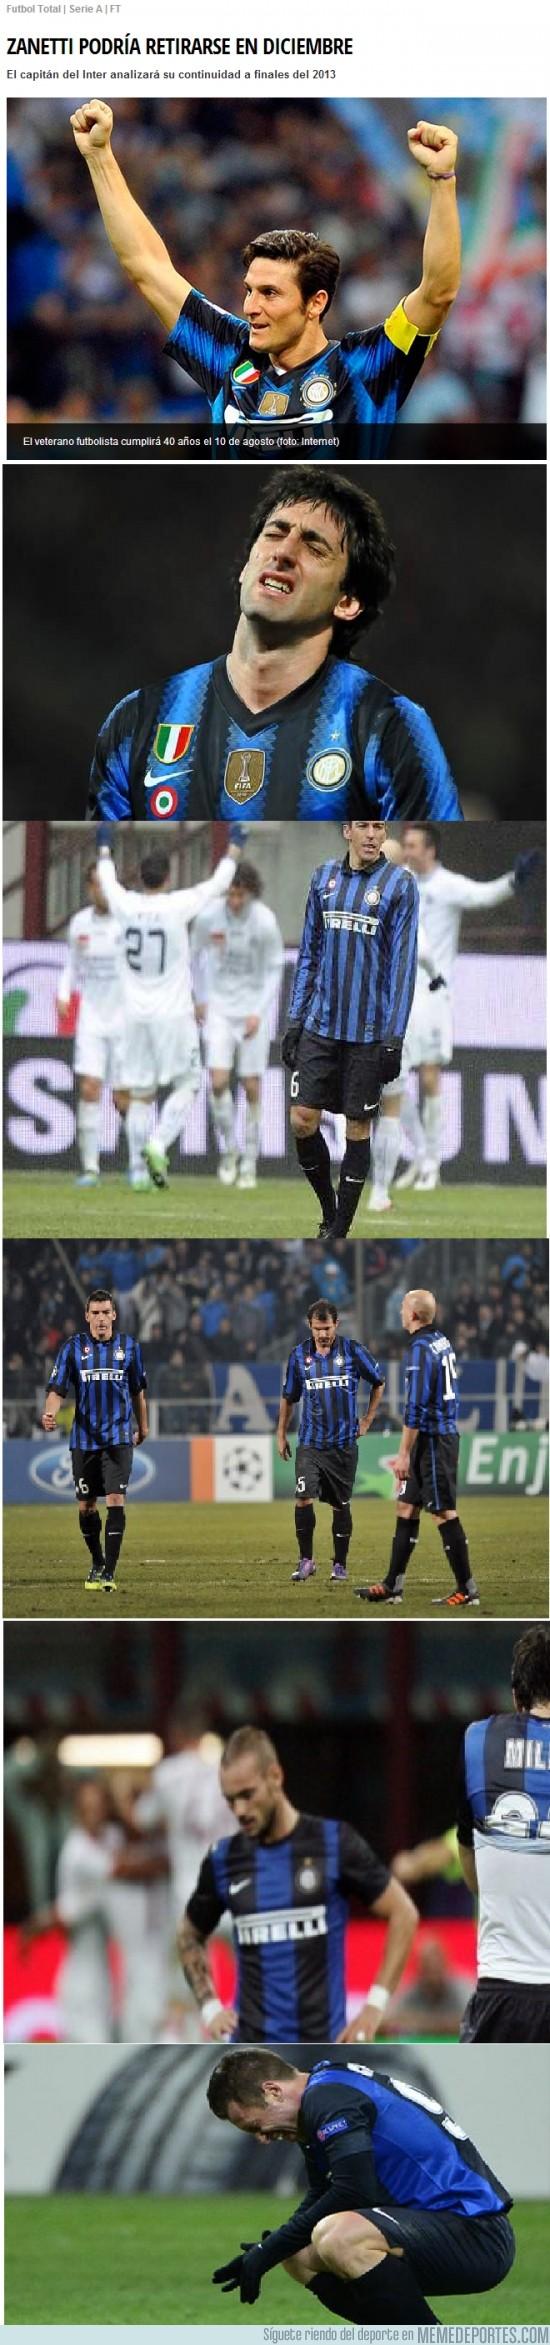 171510 - El posible adiós al mítico capitán del Inter